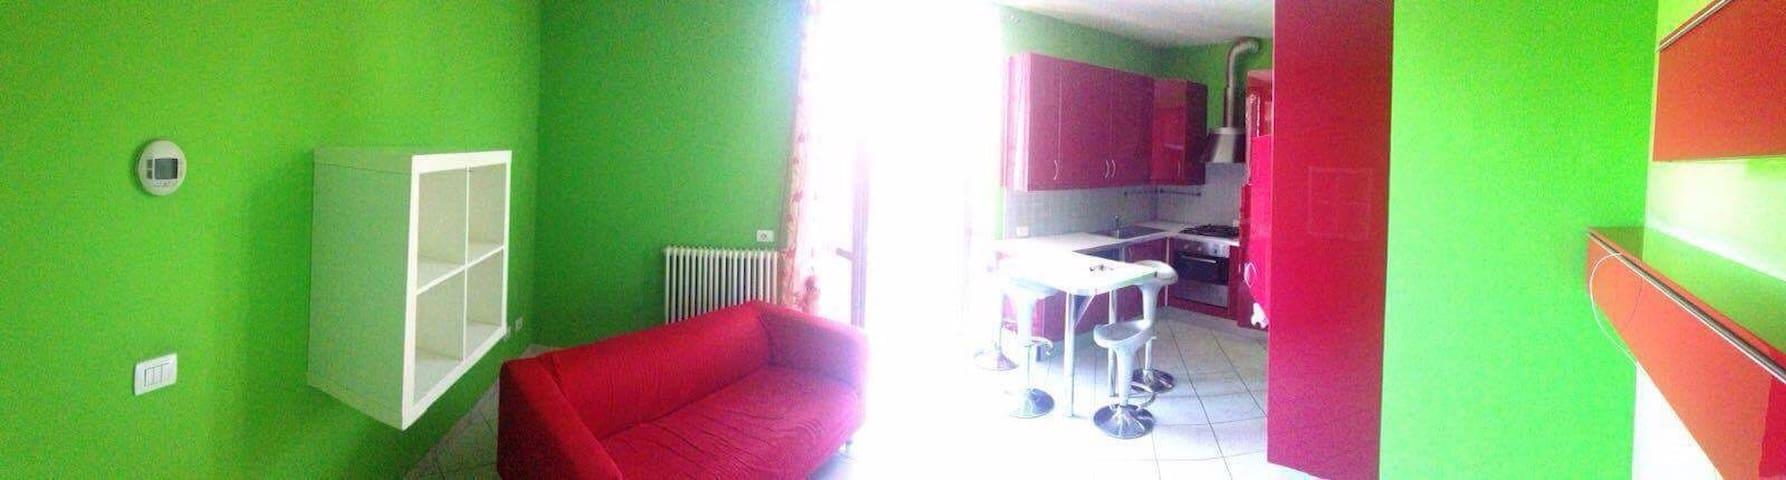 Grazioso e accogliente appartamento - Parona - Apartament